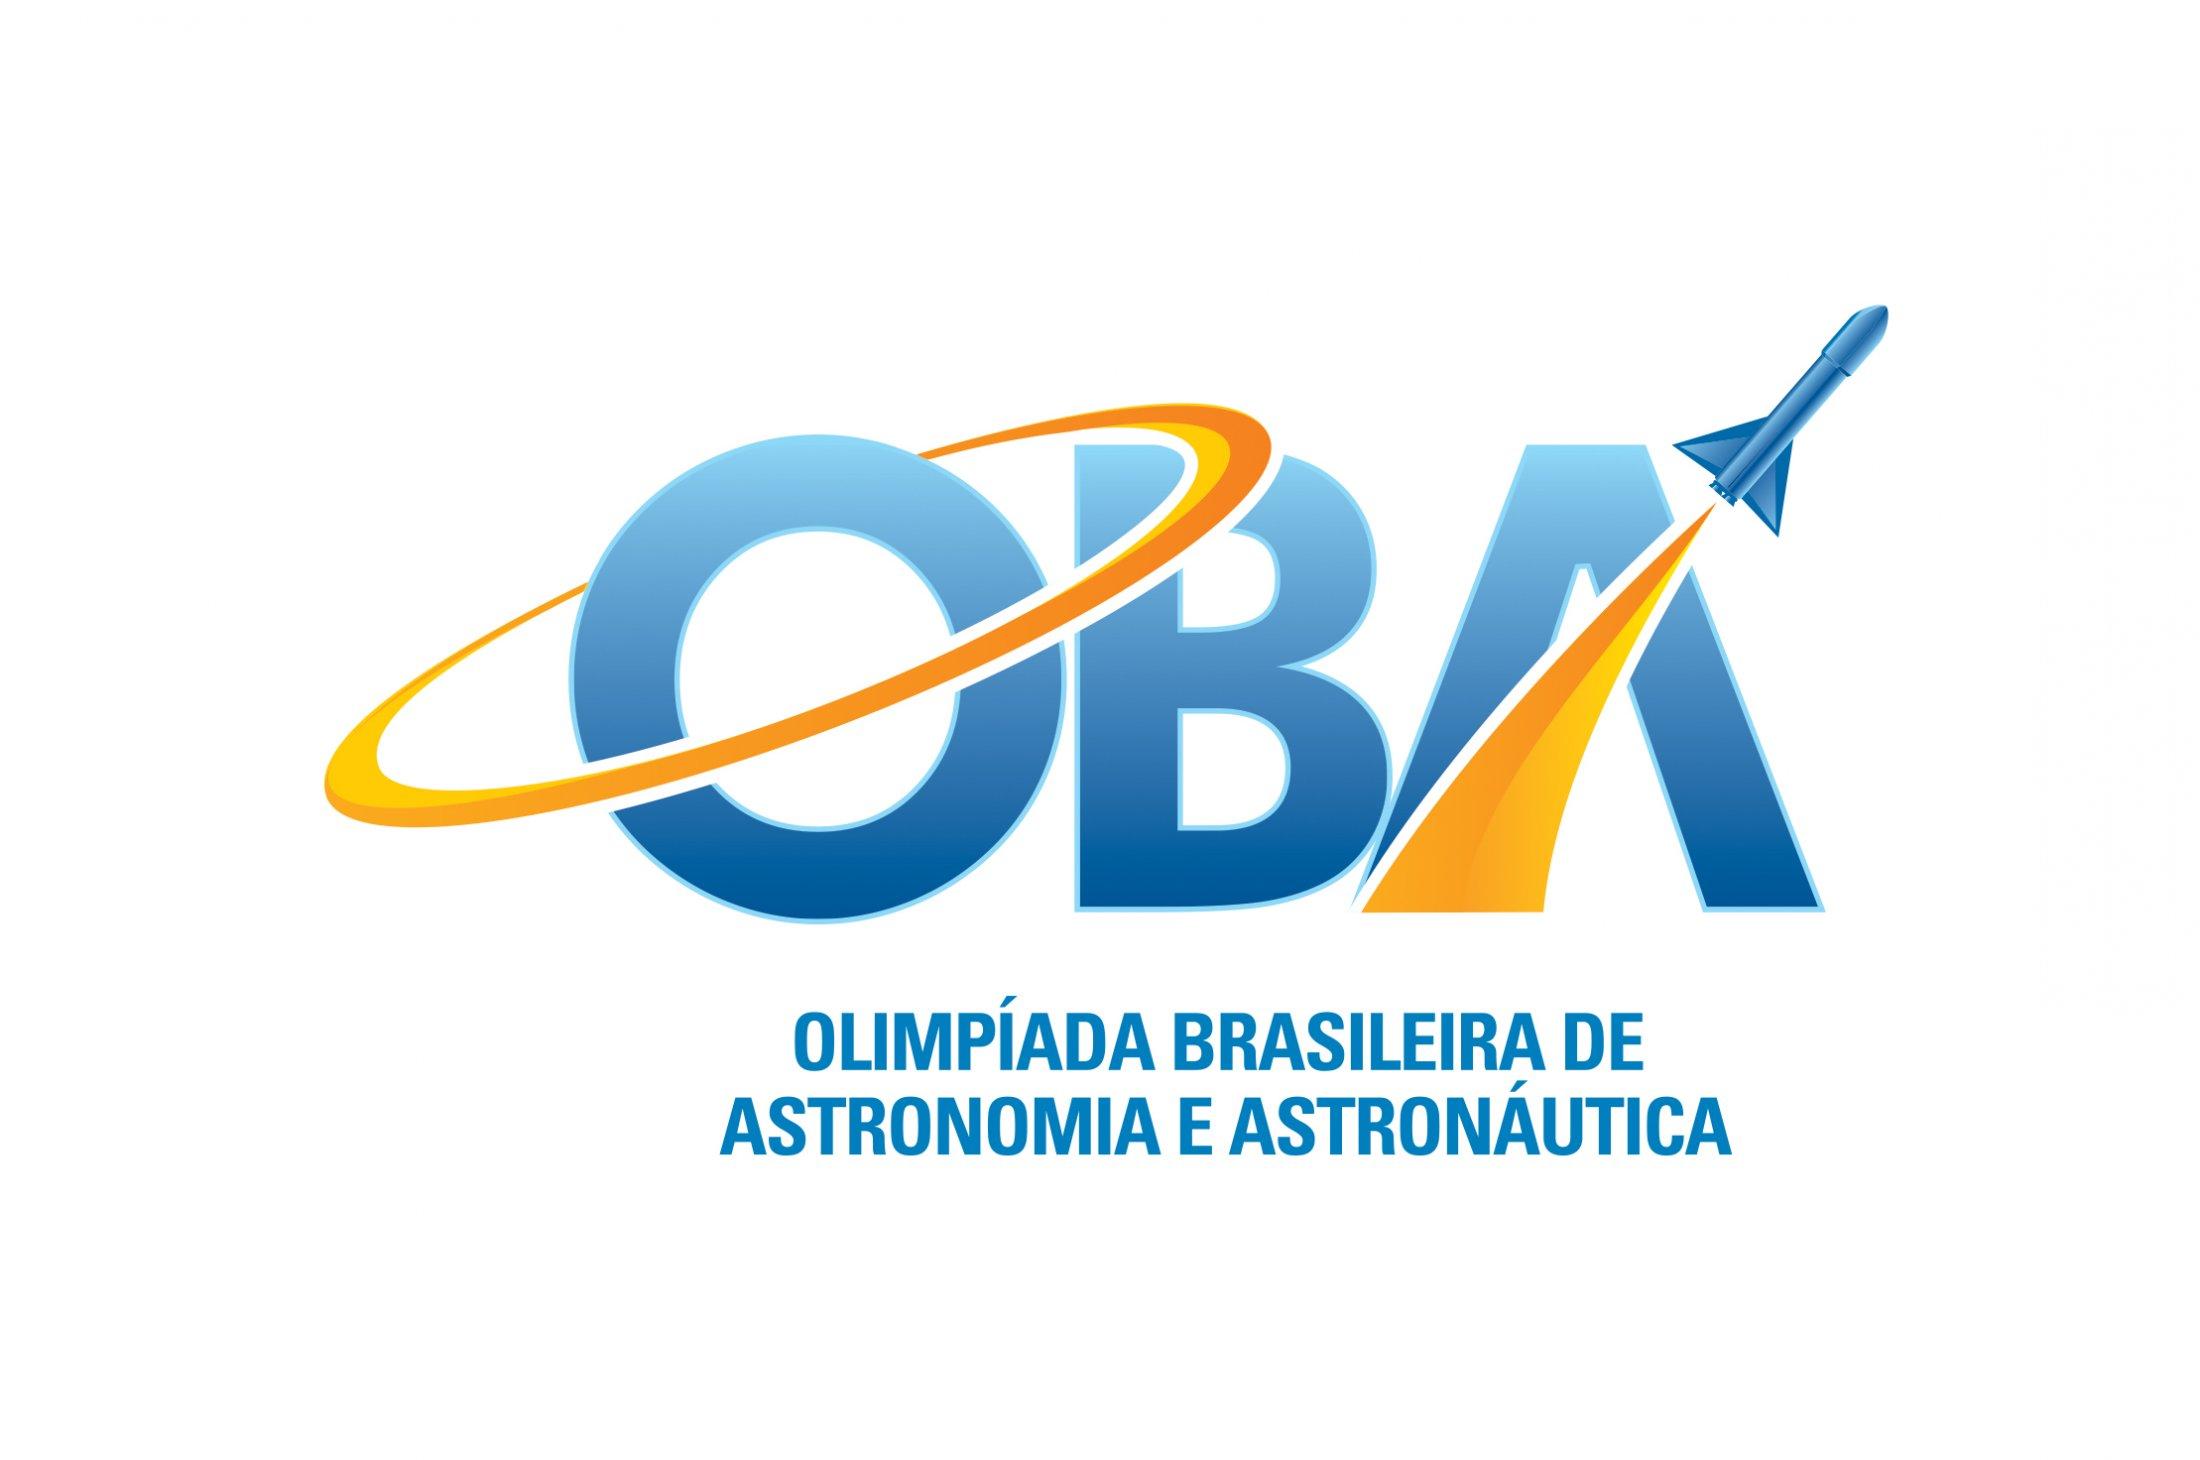 Olimpíada Brasileira de Astronomia (OBA)